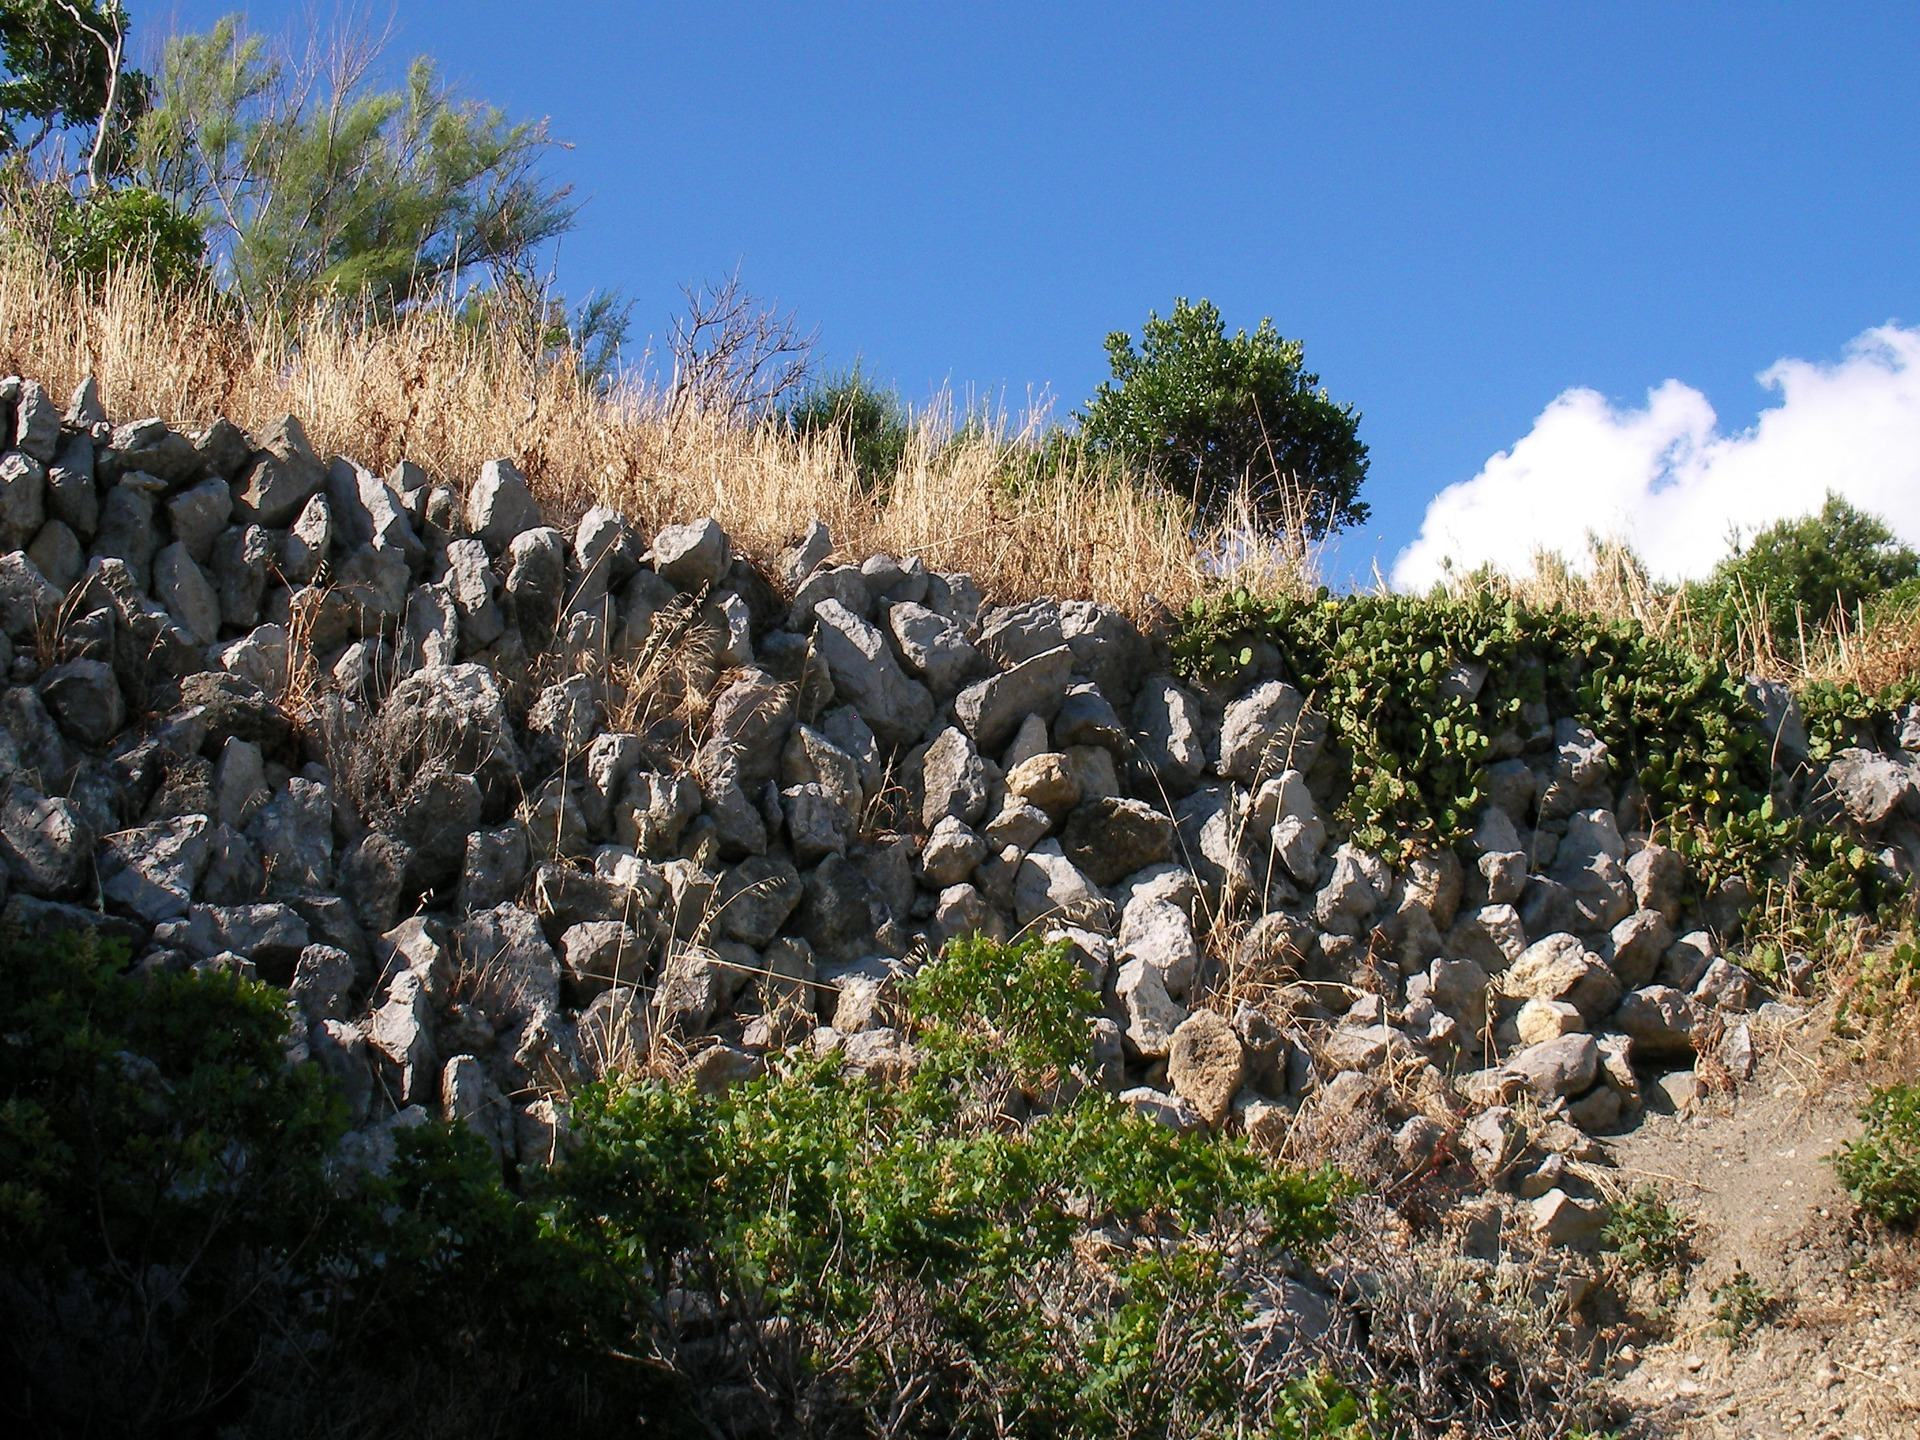 ಕಲ್ಲಿನ ಗೋಡೆ